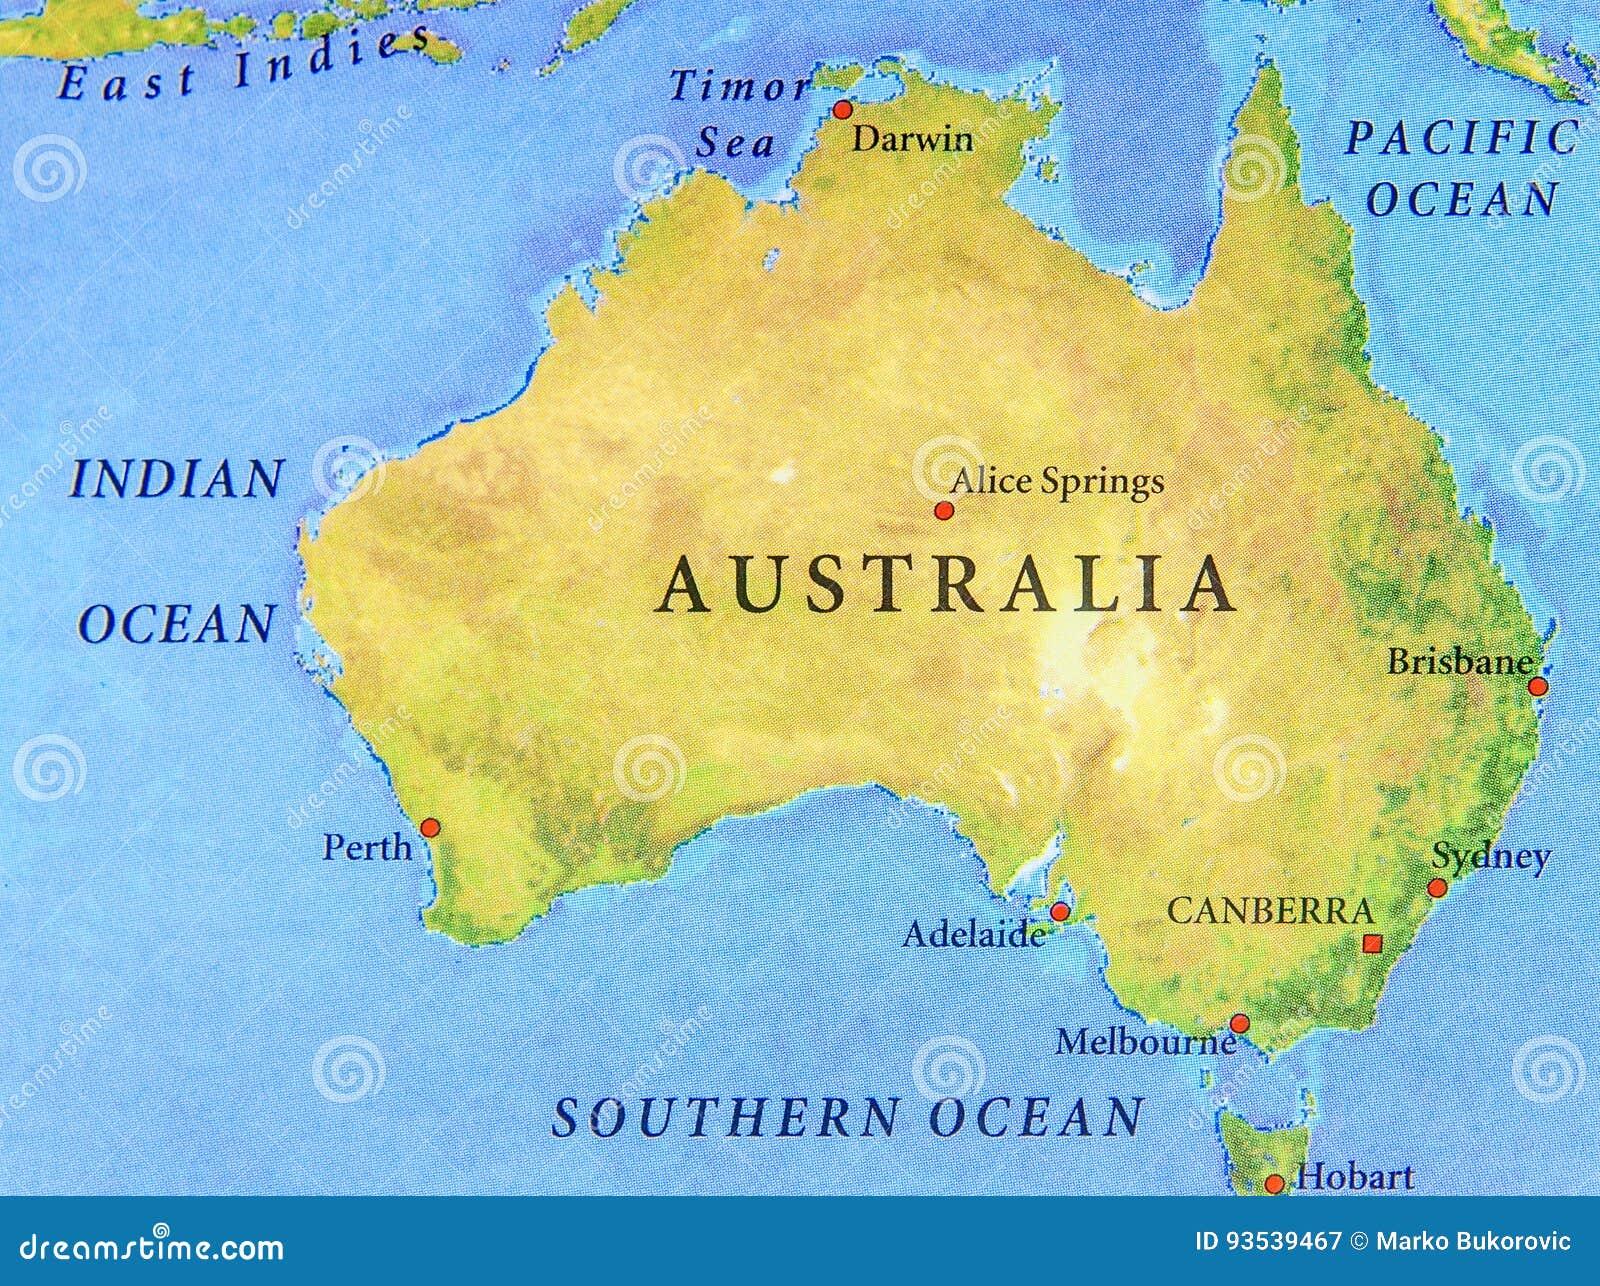 Cartina Geografica Dell Australia.Mappa Geografica Dell Australia Con Le Citta Importanti Immagine